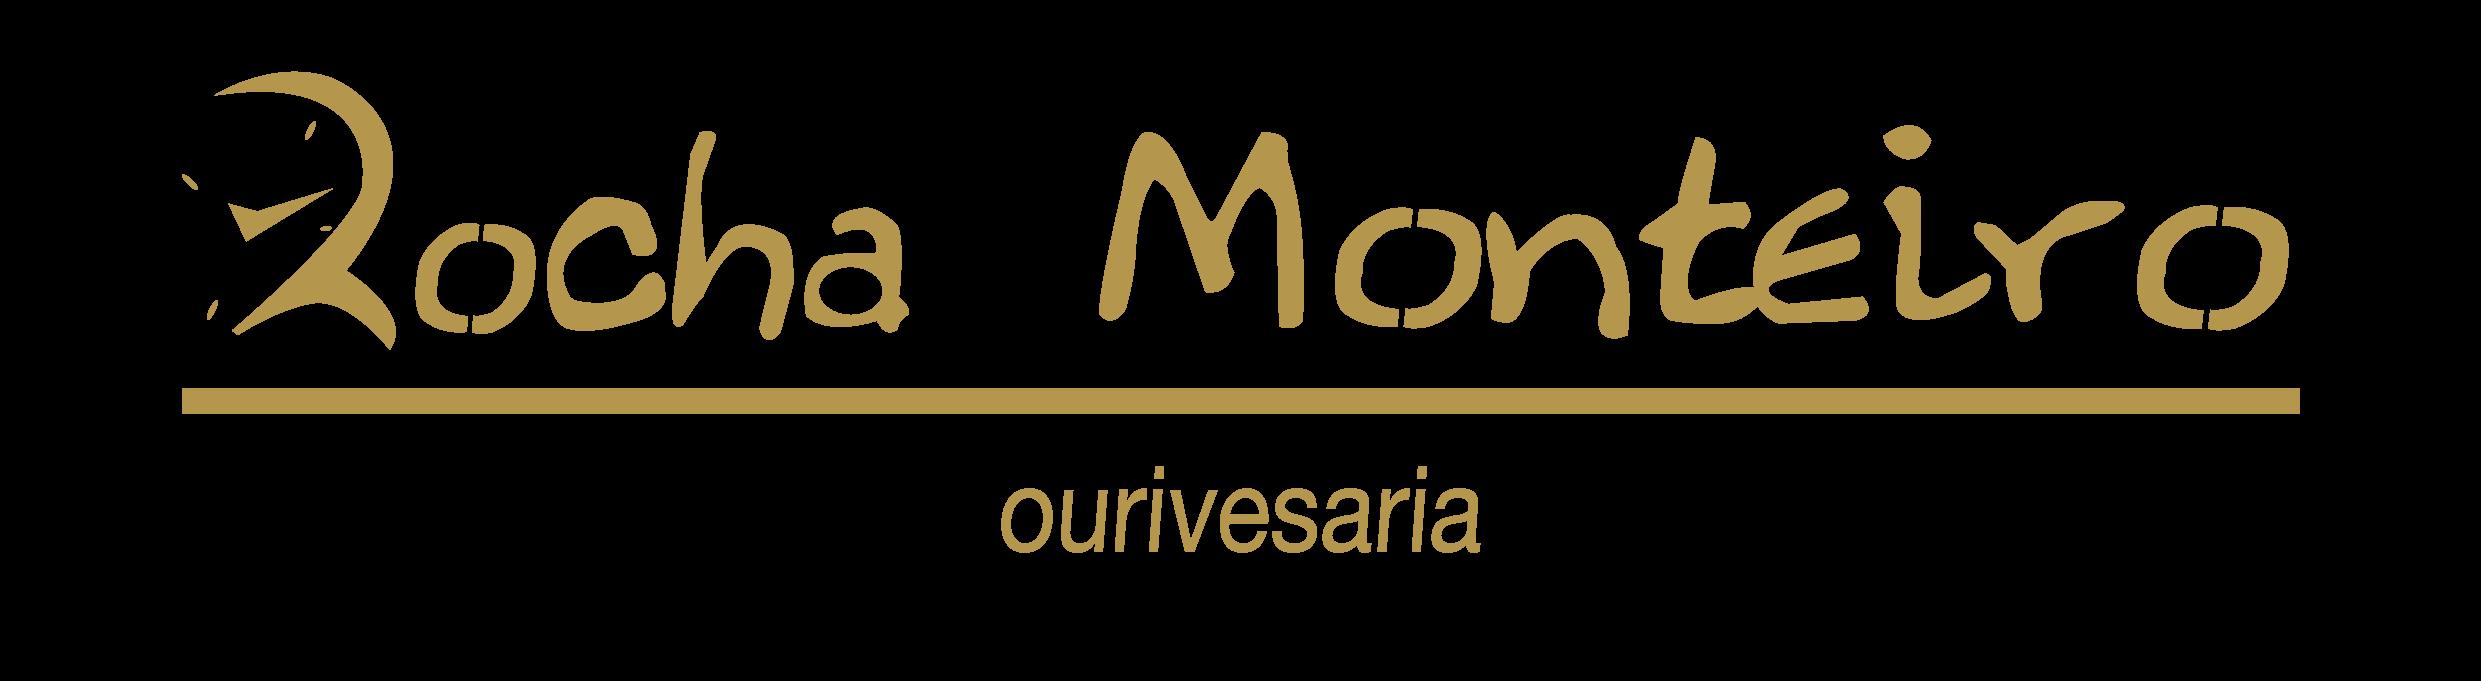 Ourivesaria Rocha Monteiro